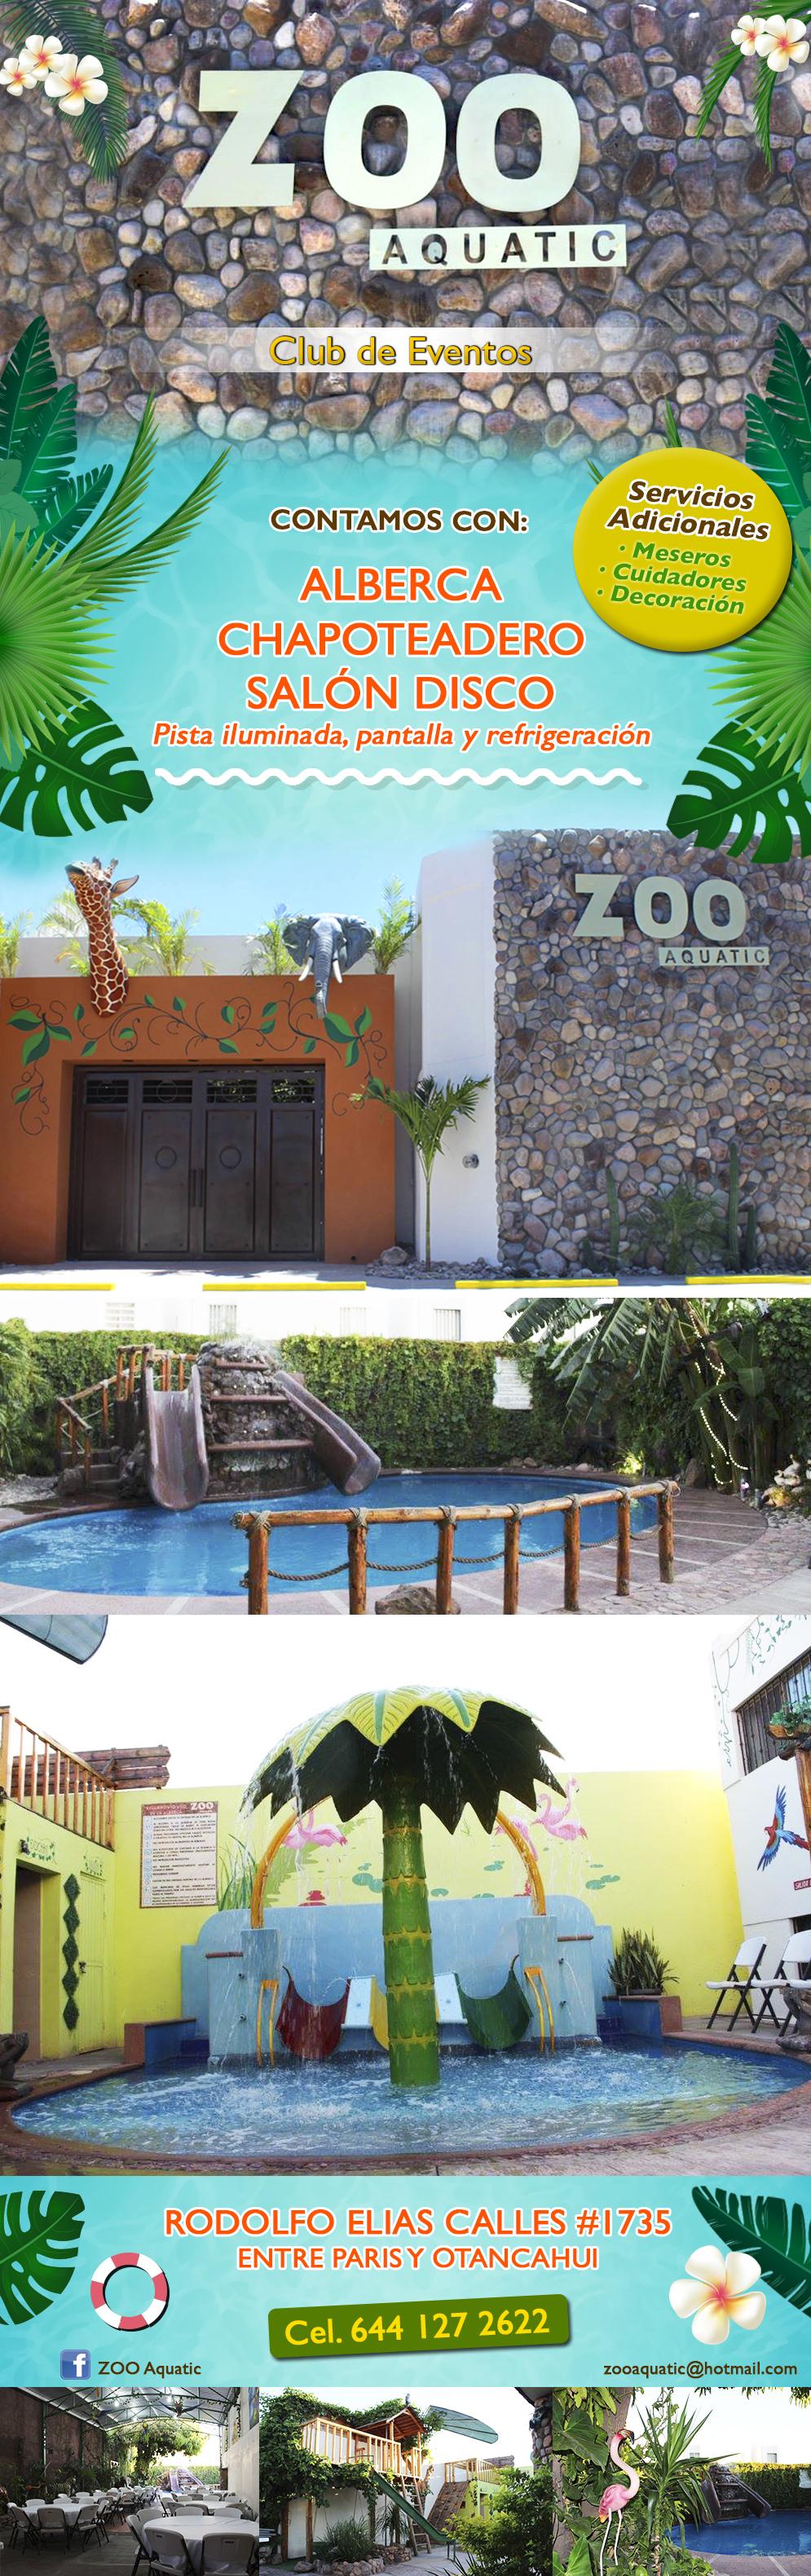 Zoo aquatic en ciudad obreg n anunciado por zonacomercial for Actividades de salon